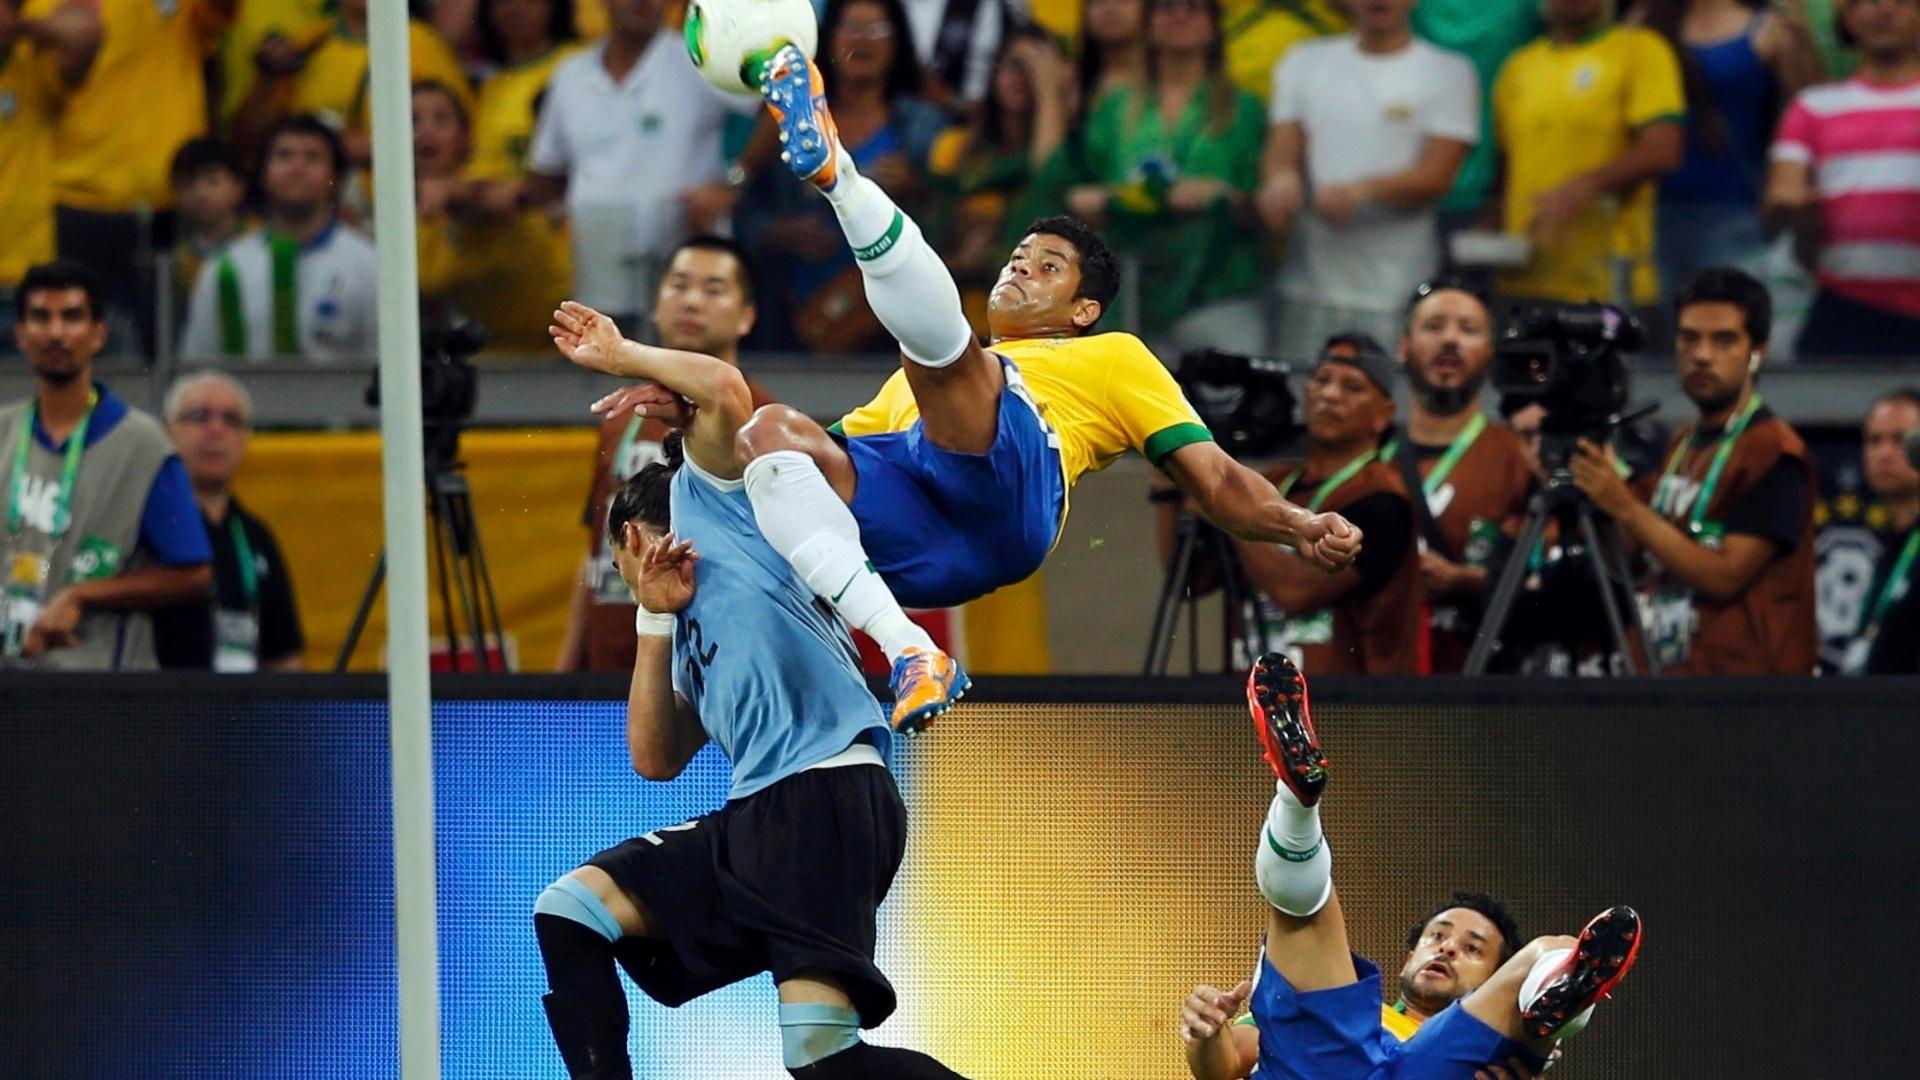 26.jun.2013 - Caído, Fred observa Hulk tentar um chute de bicicleta durante a vitória por 2 a 1 do Brasil sobre o Uruguai no Mineirão pela Copa das Confederações